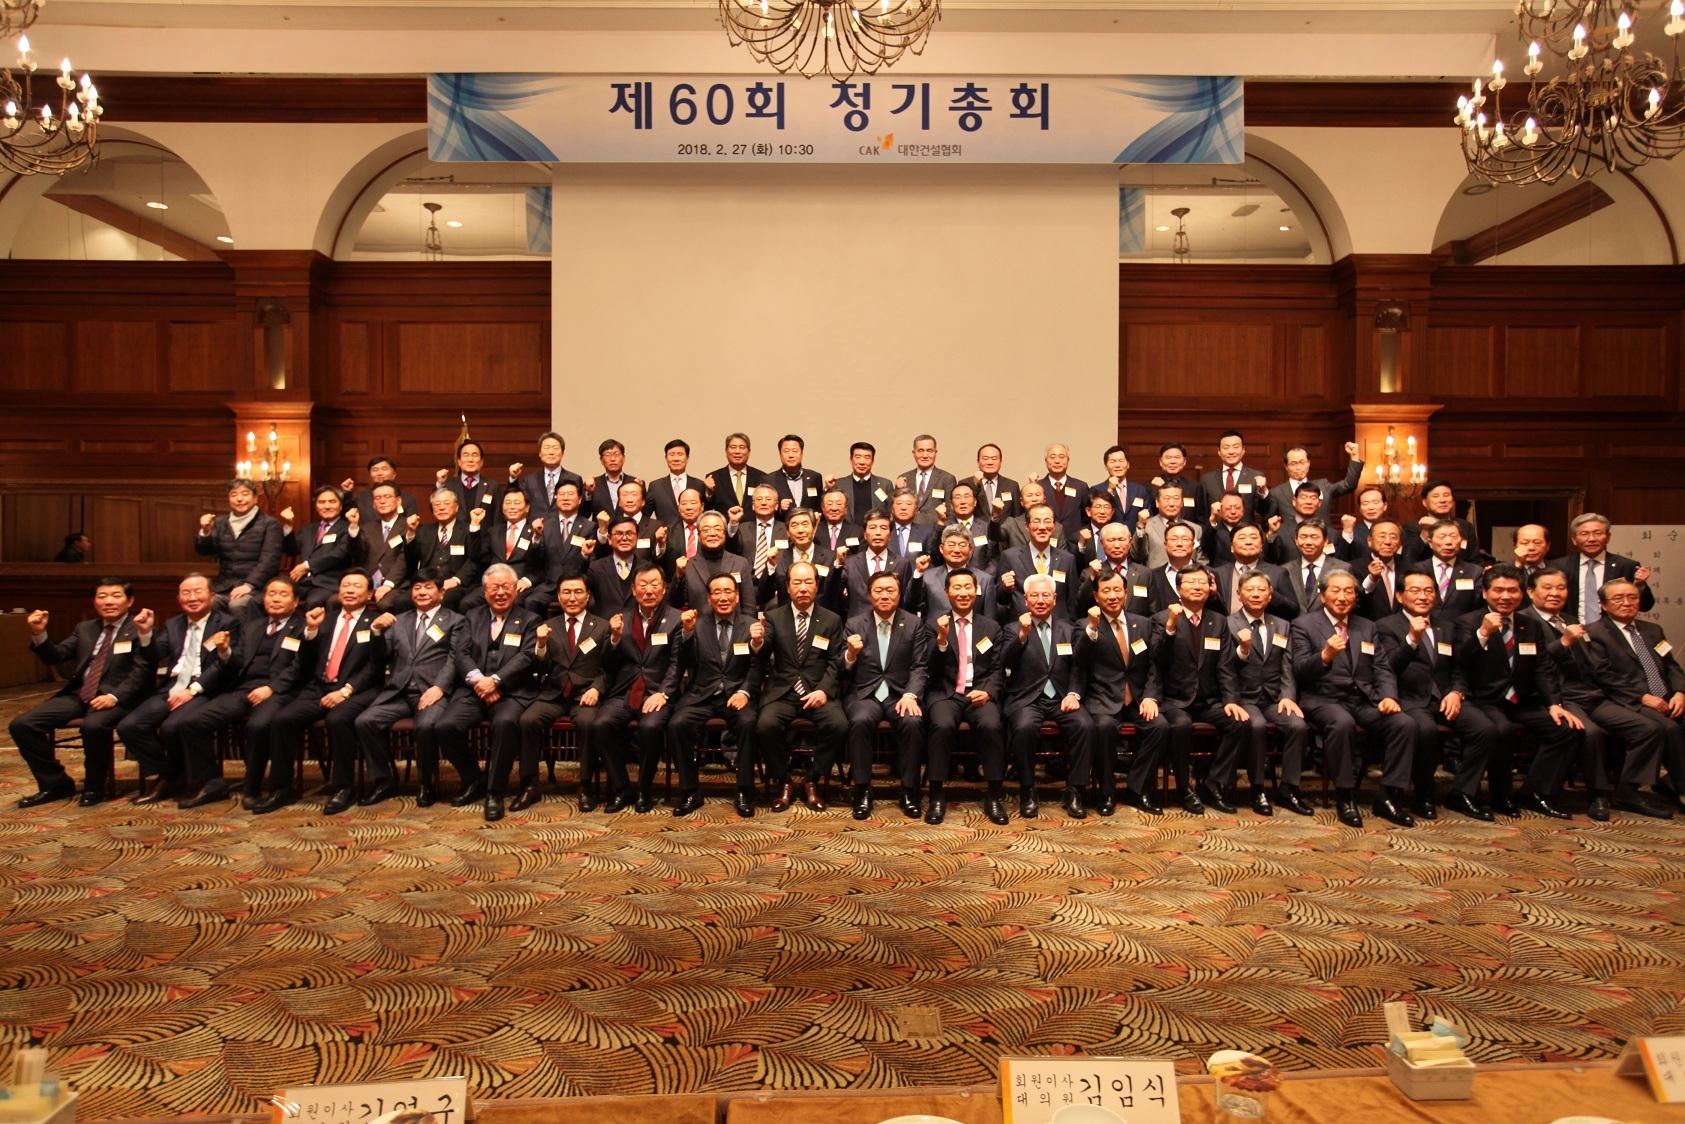 [180227]_대한건설협회 제60회 정기총회 개최